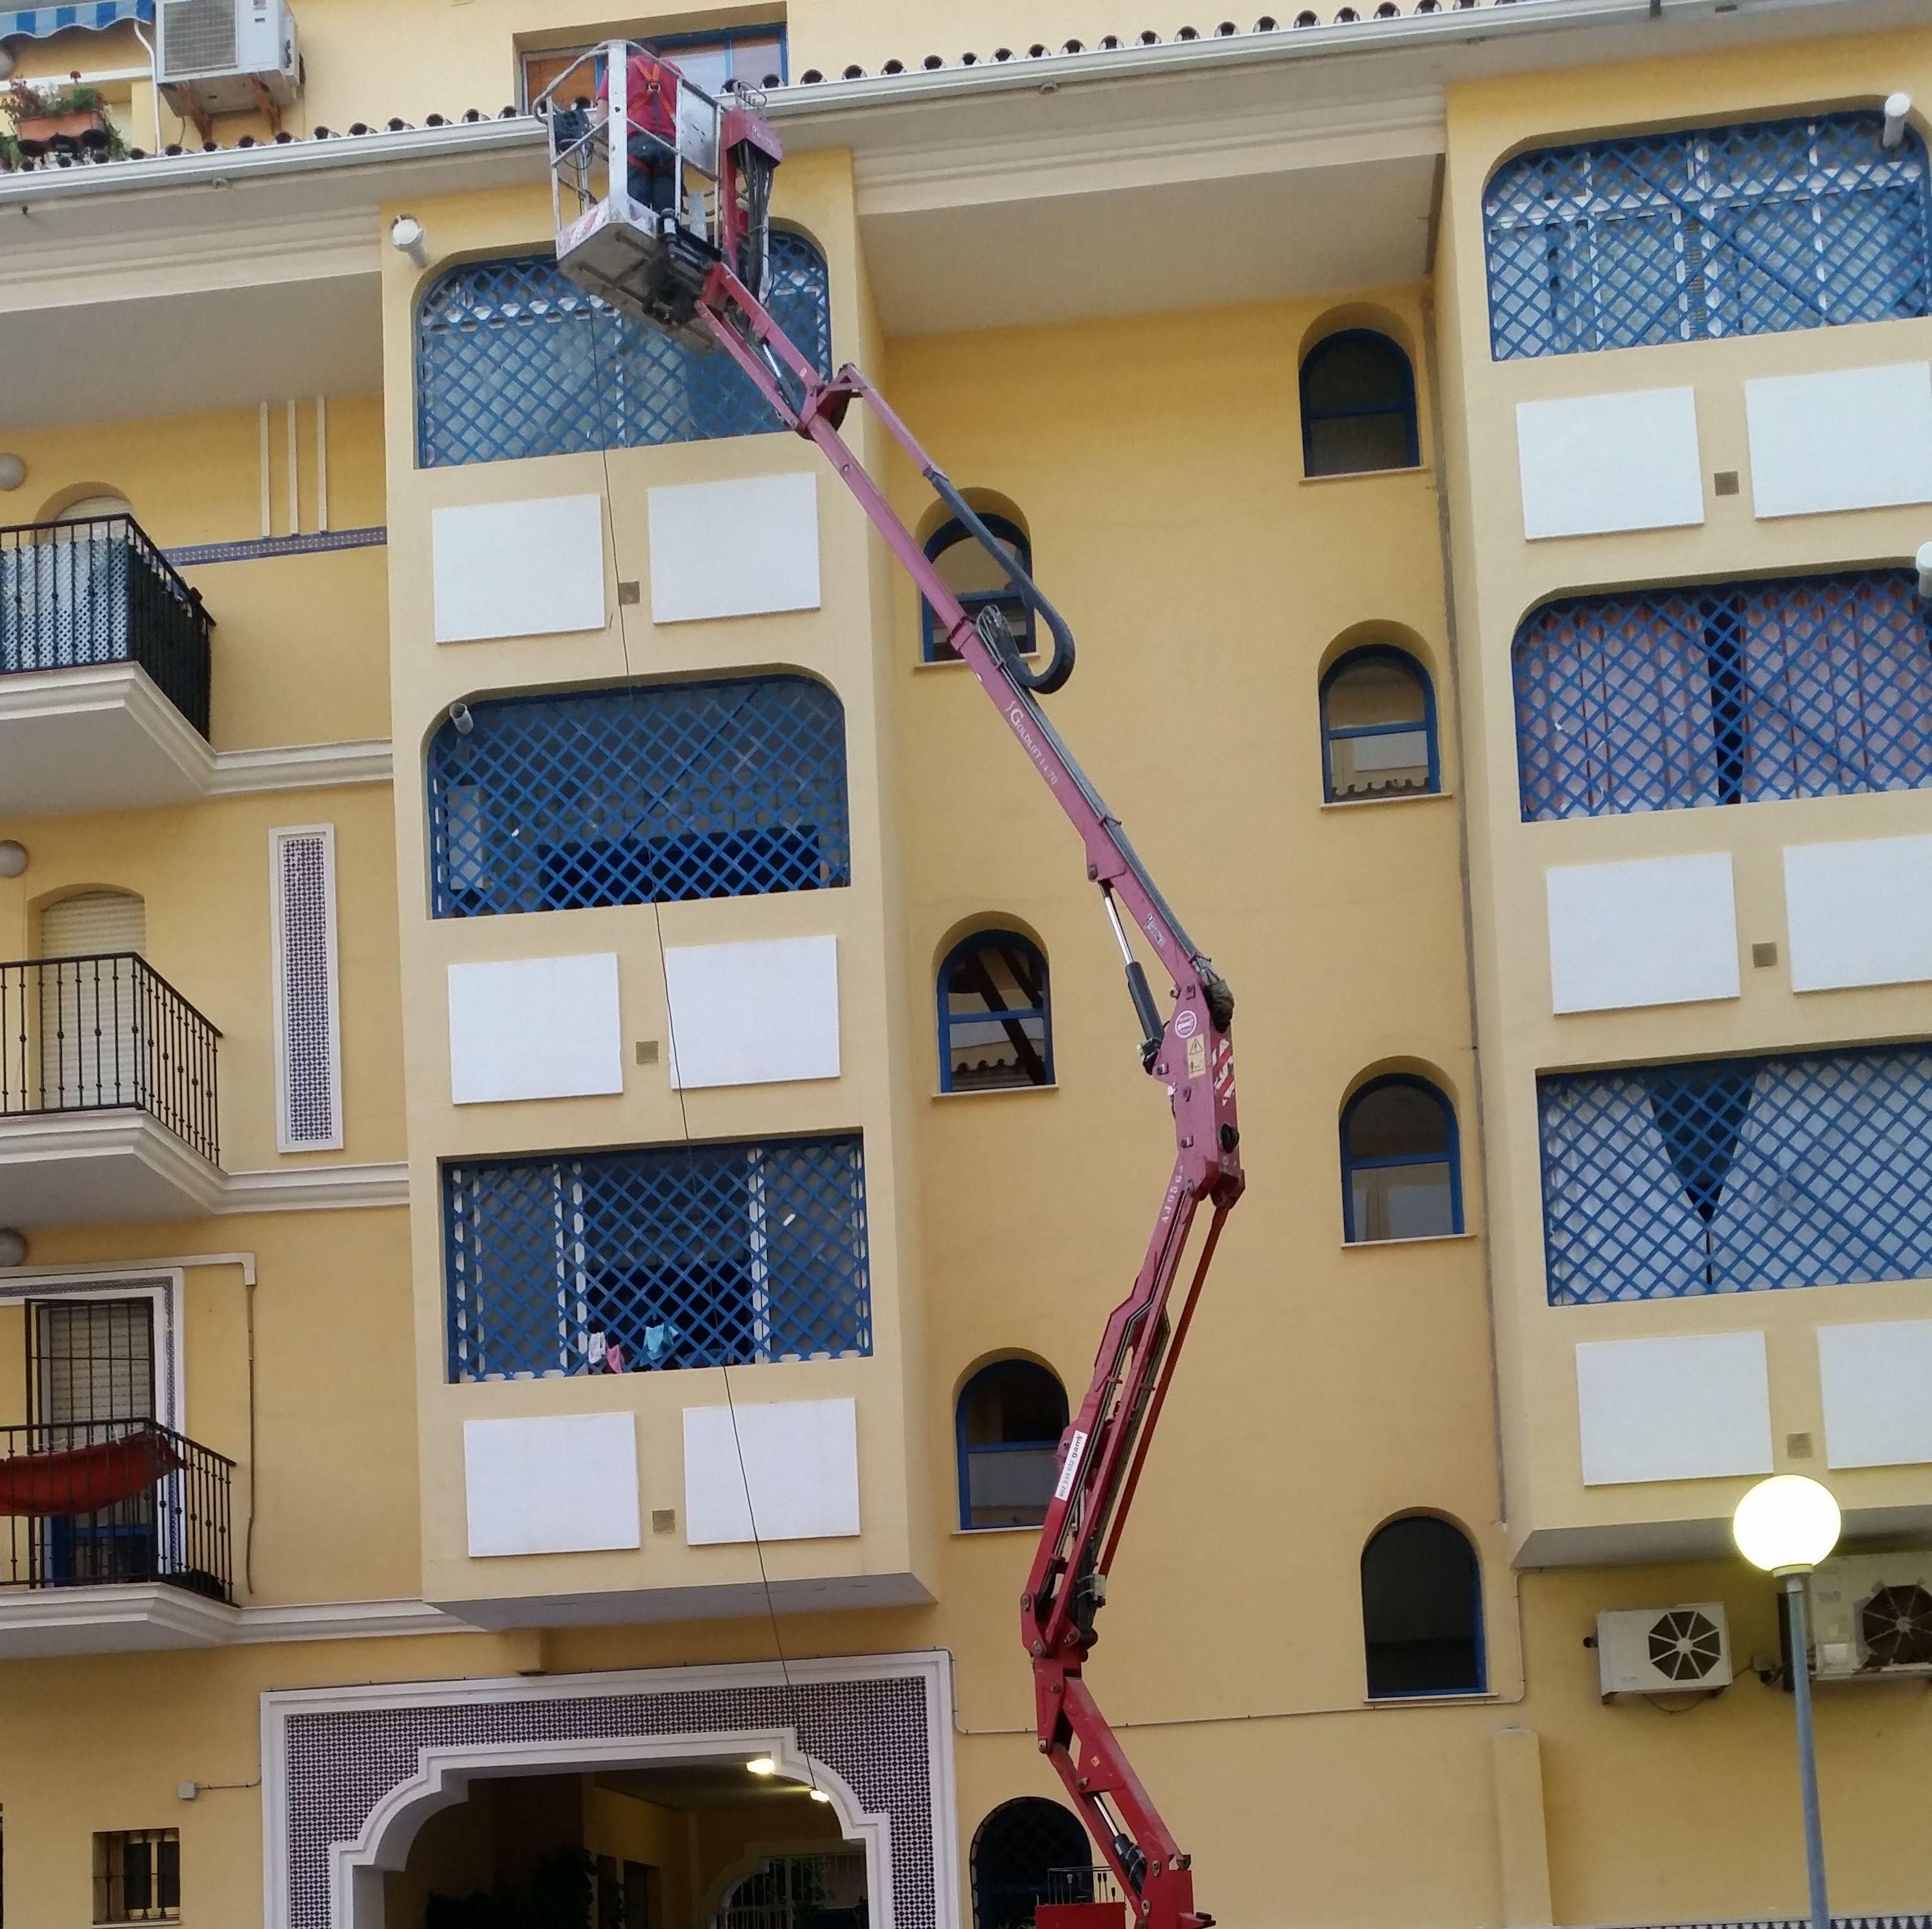 Trabajos de altura en patio interior de comunidad de vecinos